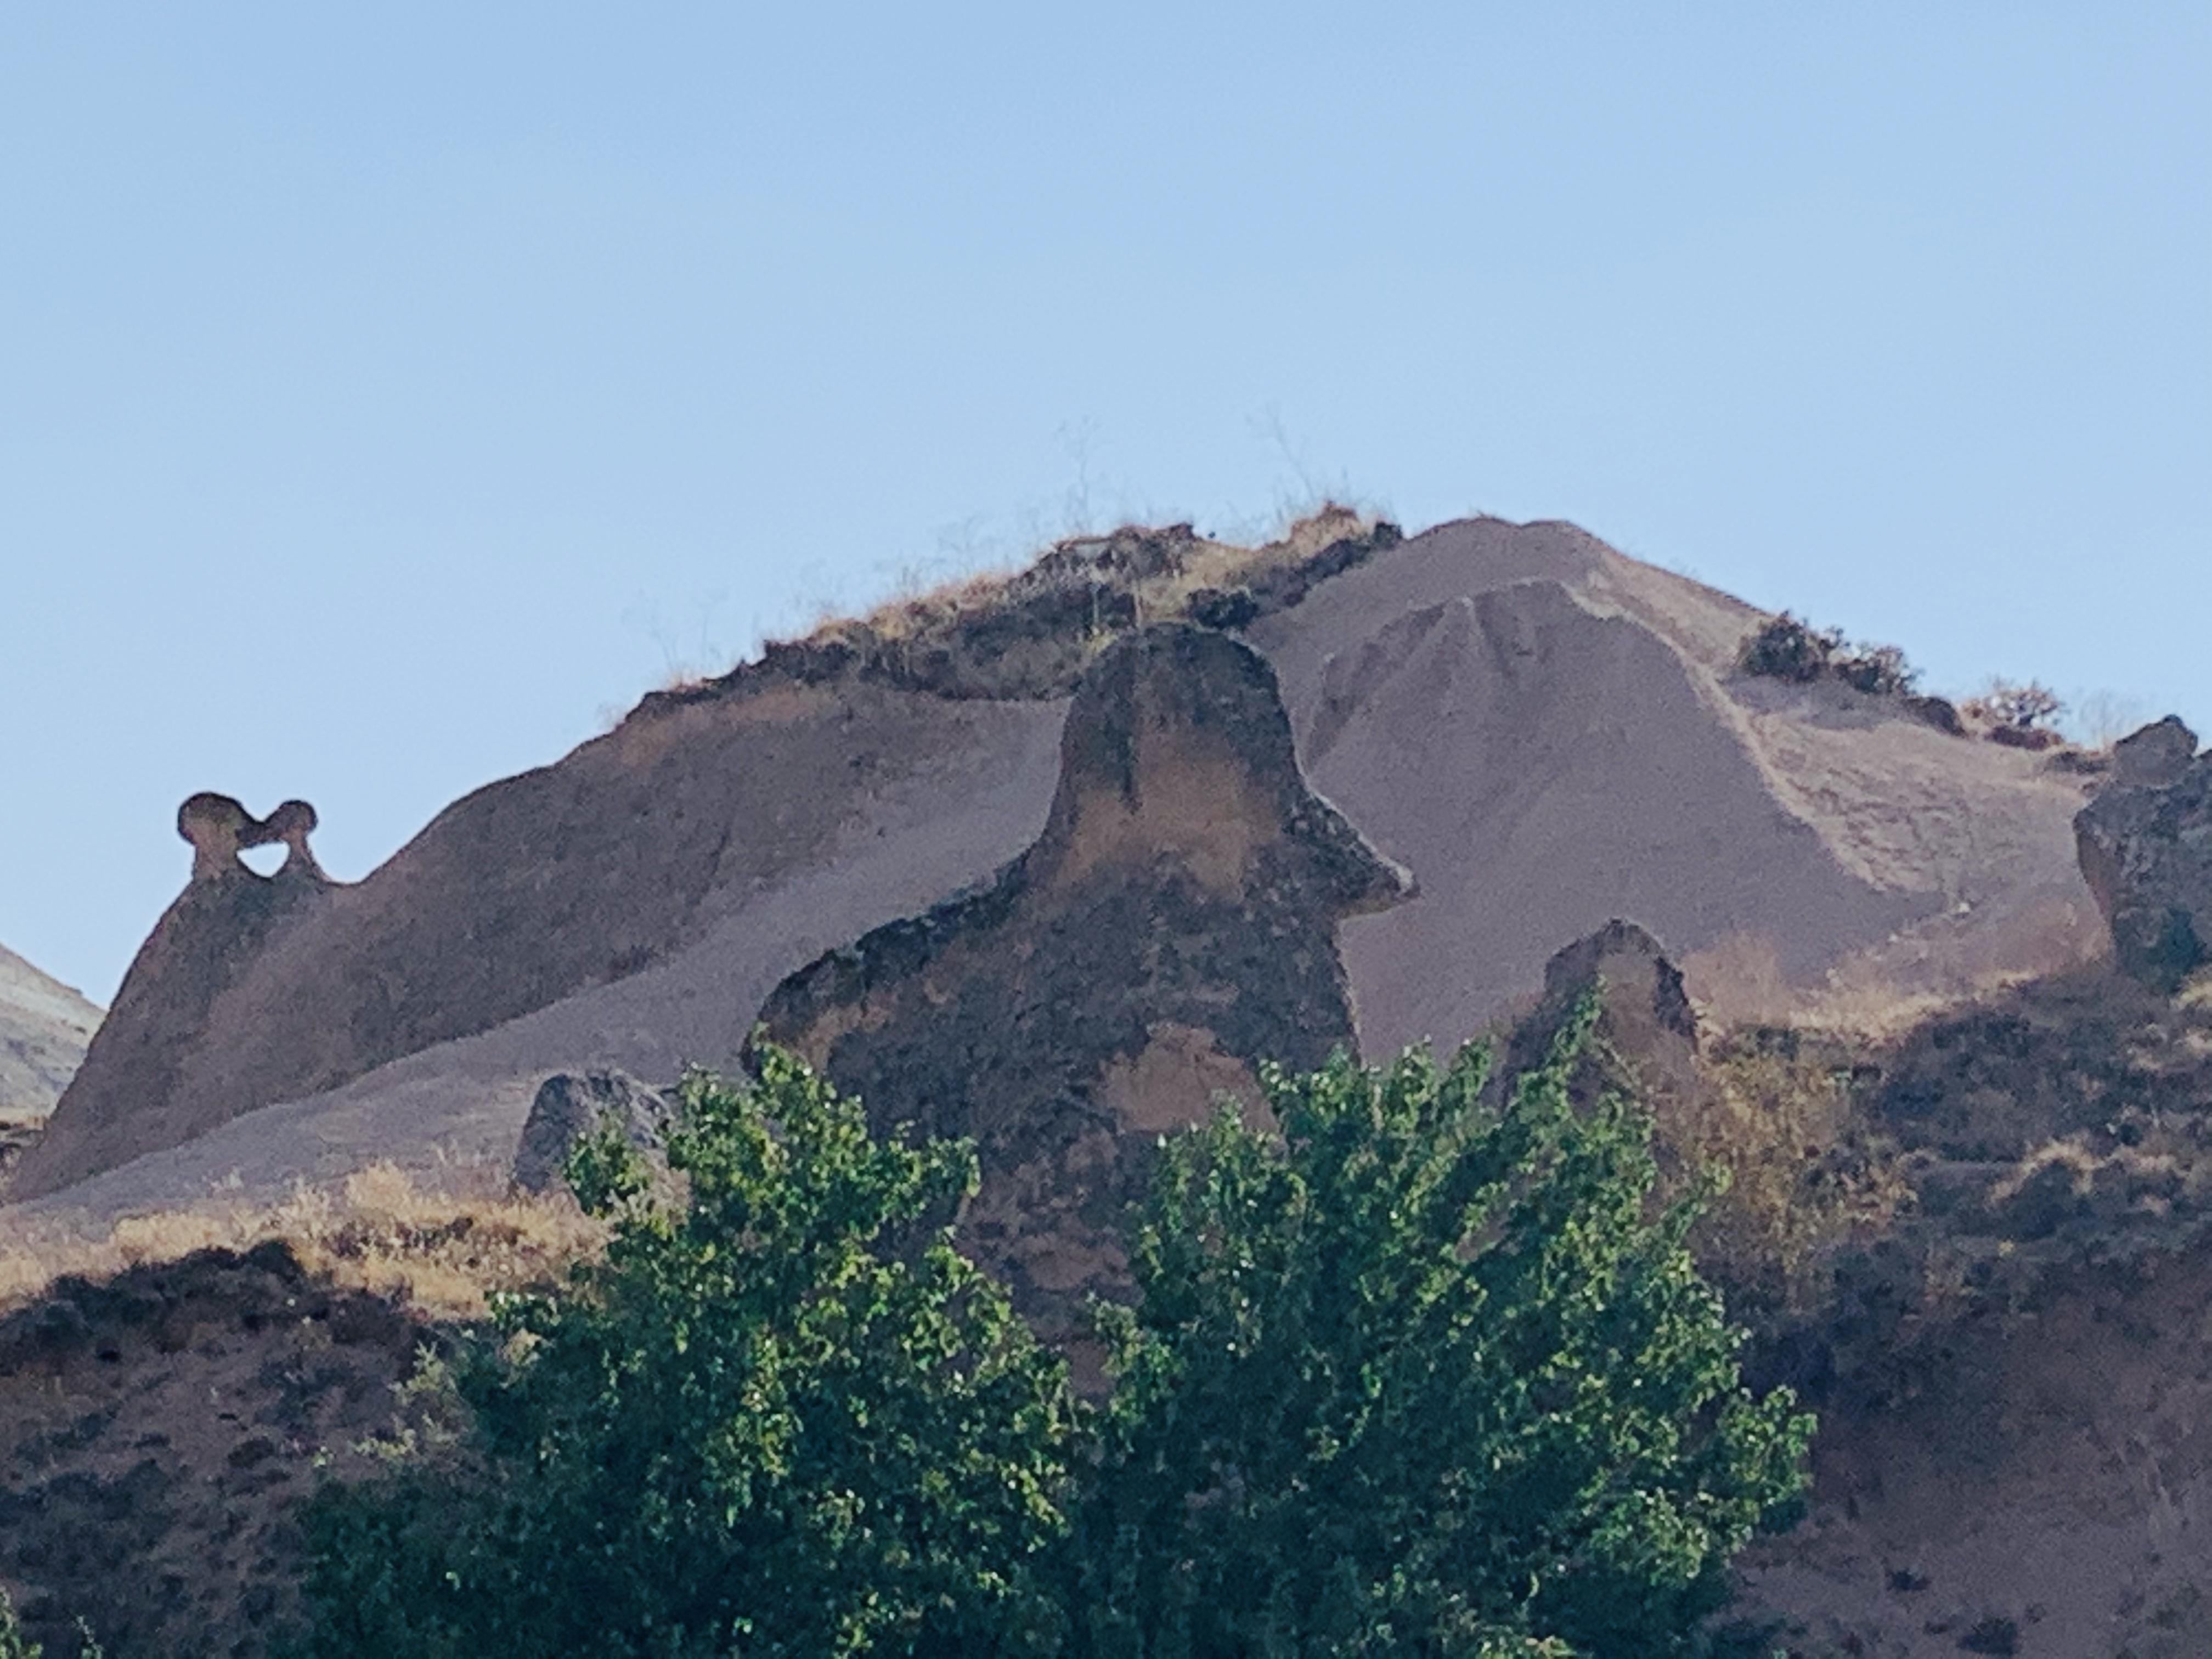 Кто-то видит в этой скале Наполеона Бонапарта в треуголке / фото автора